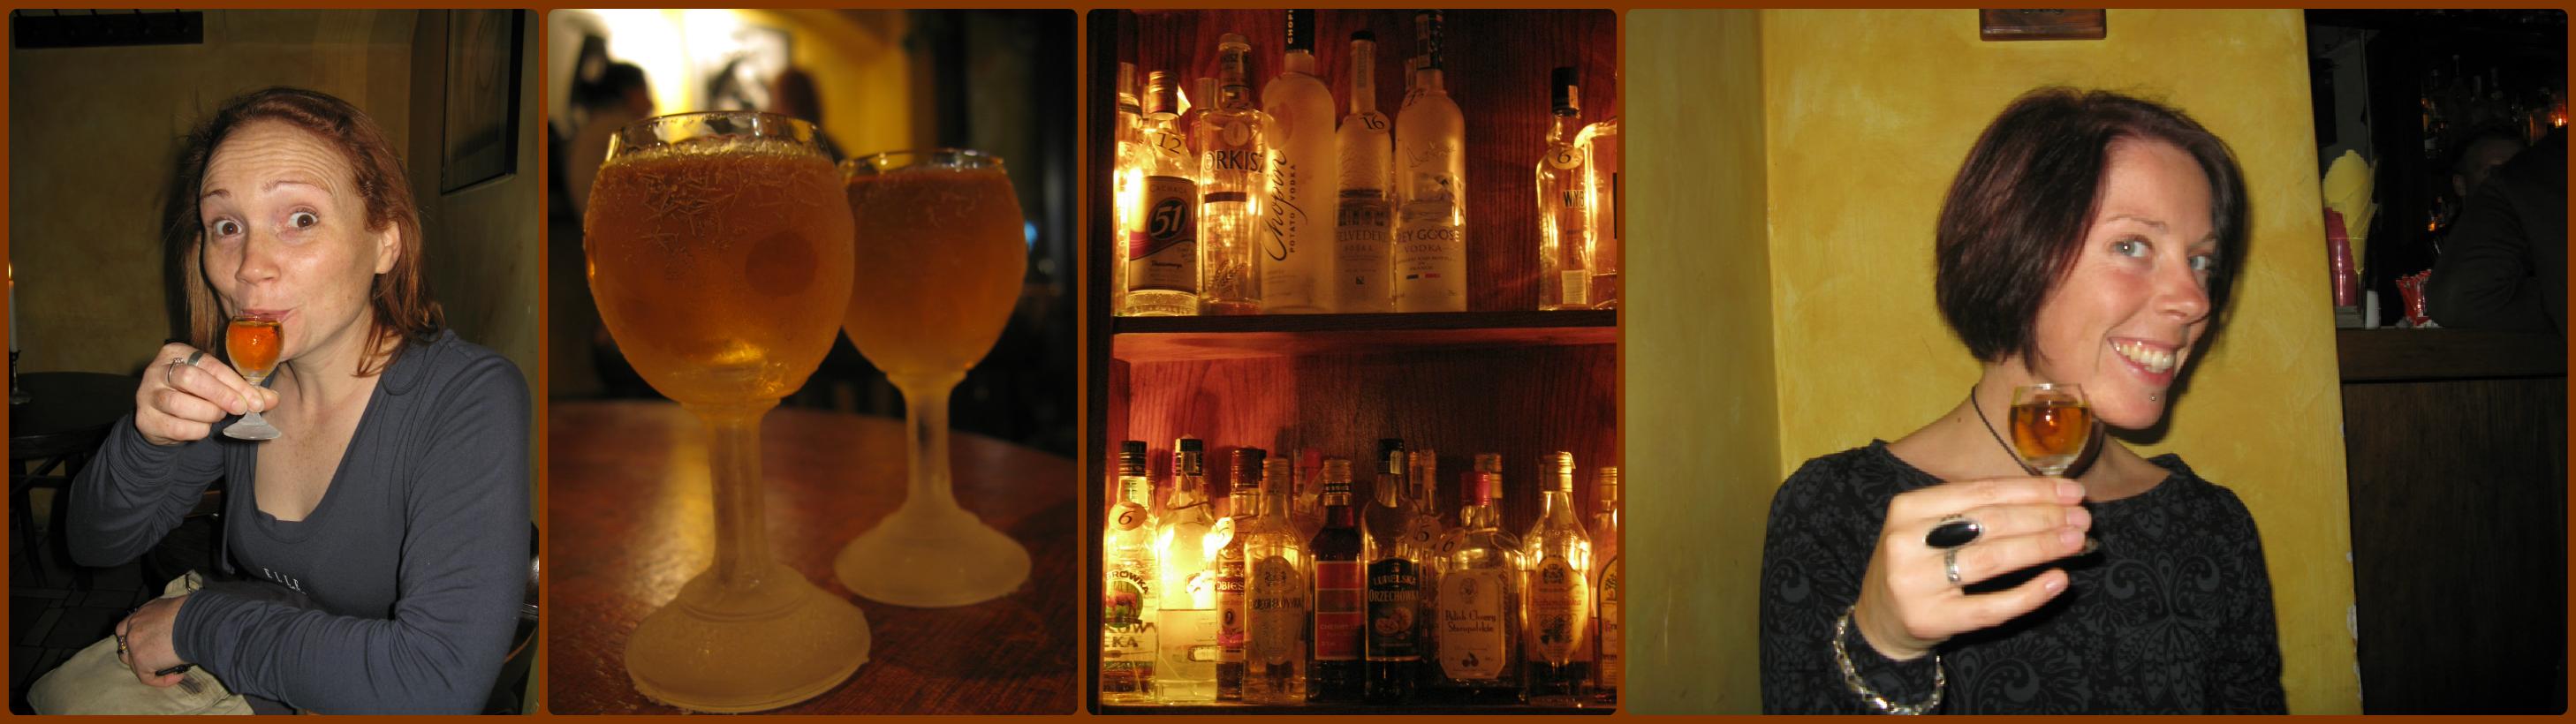 Mmmm...Vodka :-)